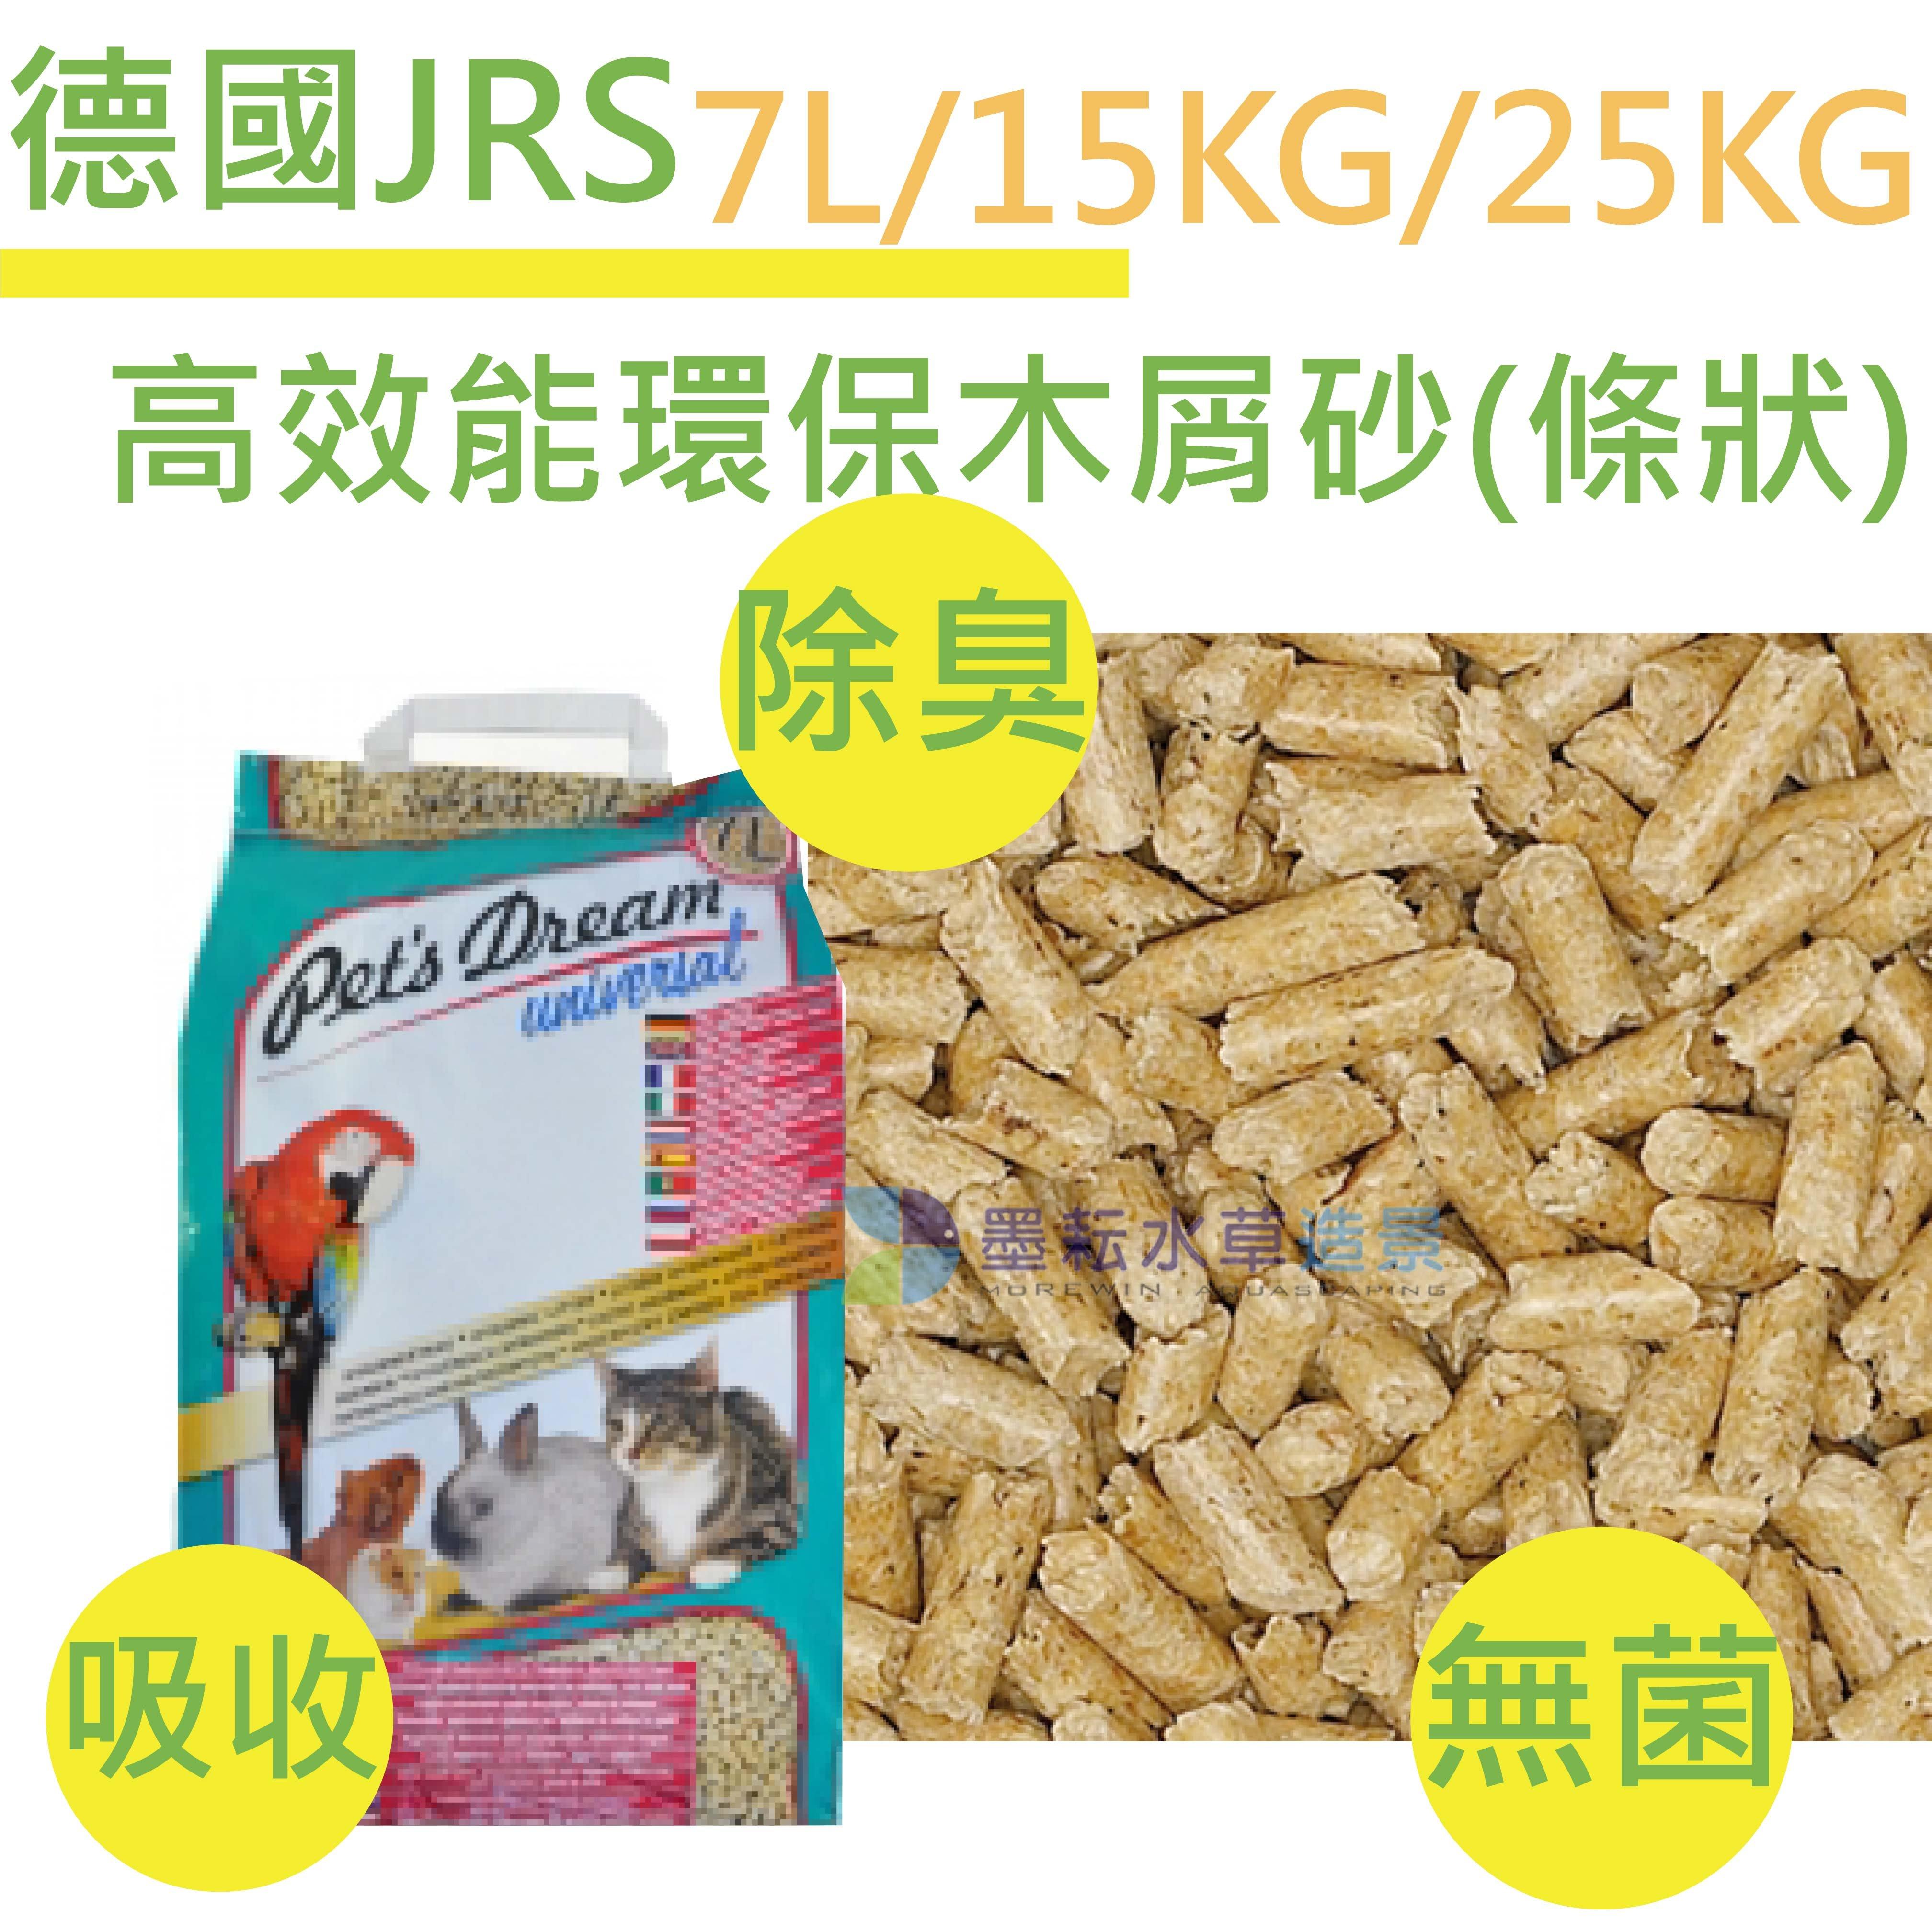 @墨耘 水草造景@德國JRS/高效能環保木屑砂(條狀)【15KG】$640 Pets Dream 鳥 兔 鼠 底砂